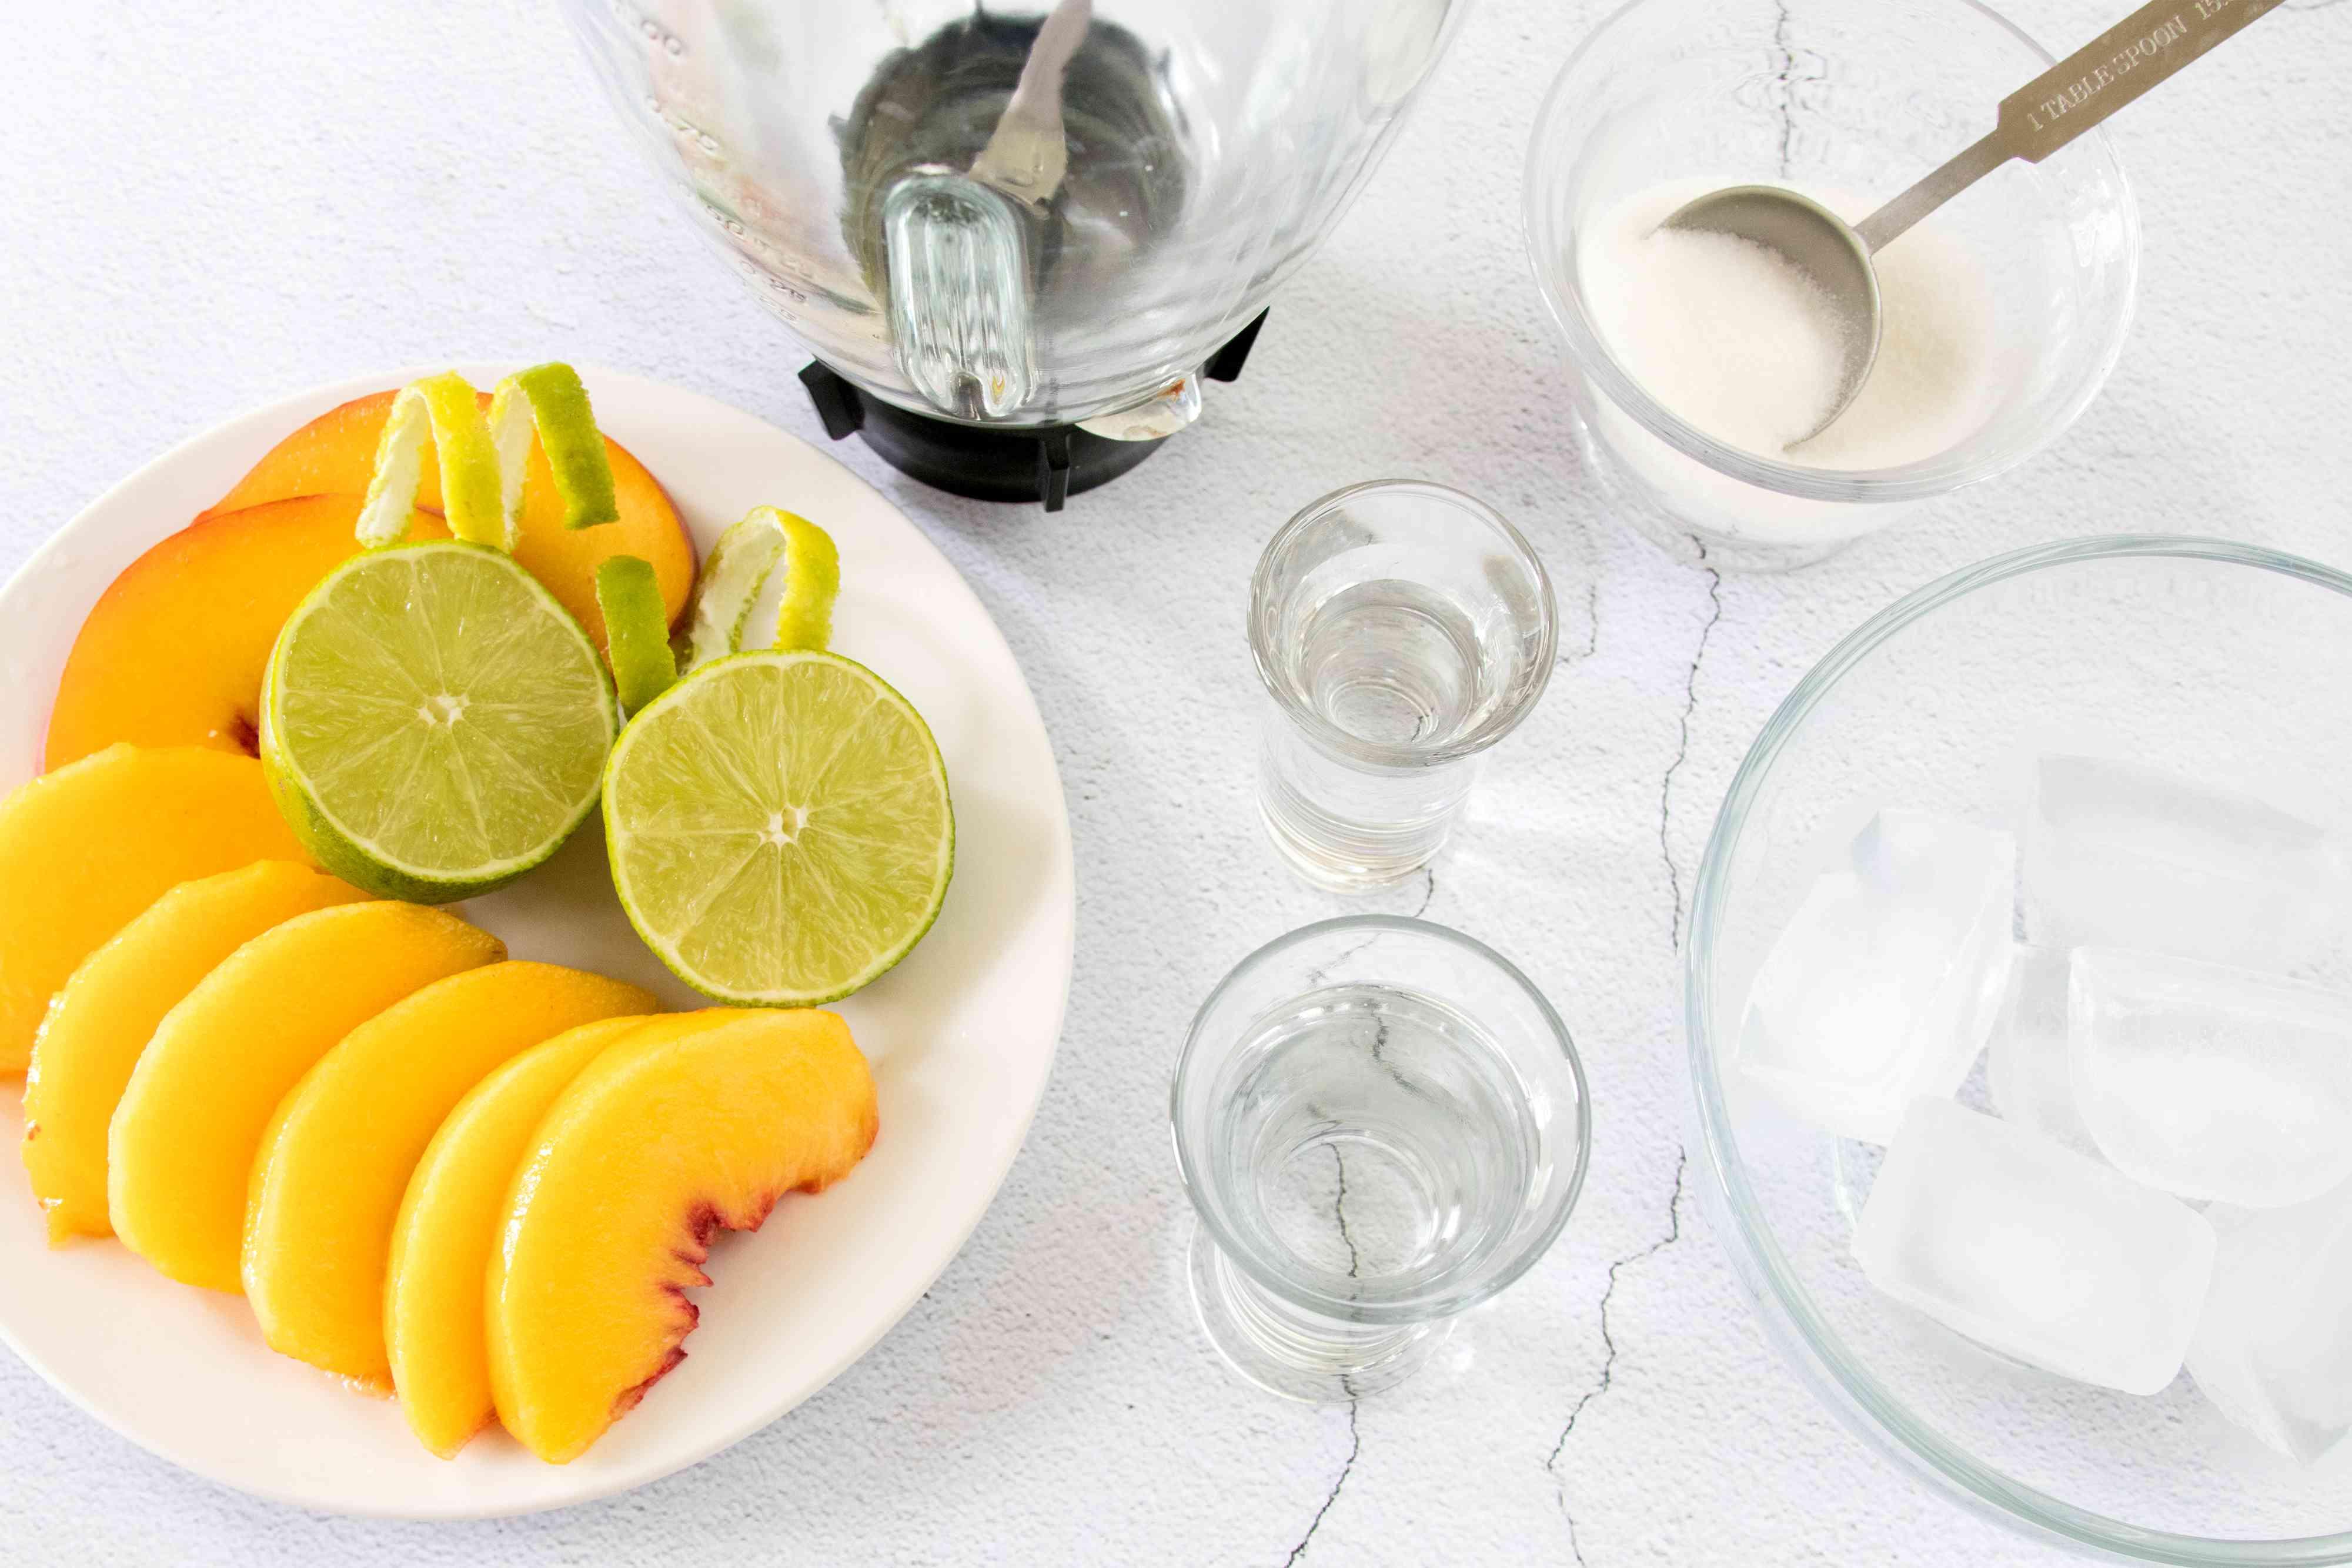 Ingredients for a Frozen Peach Margarita